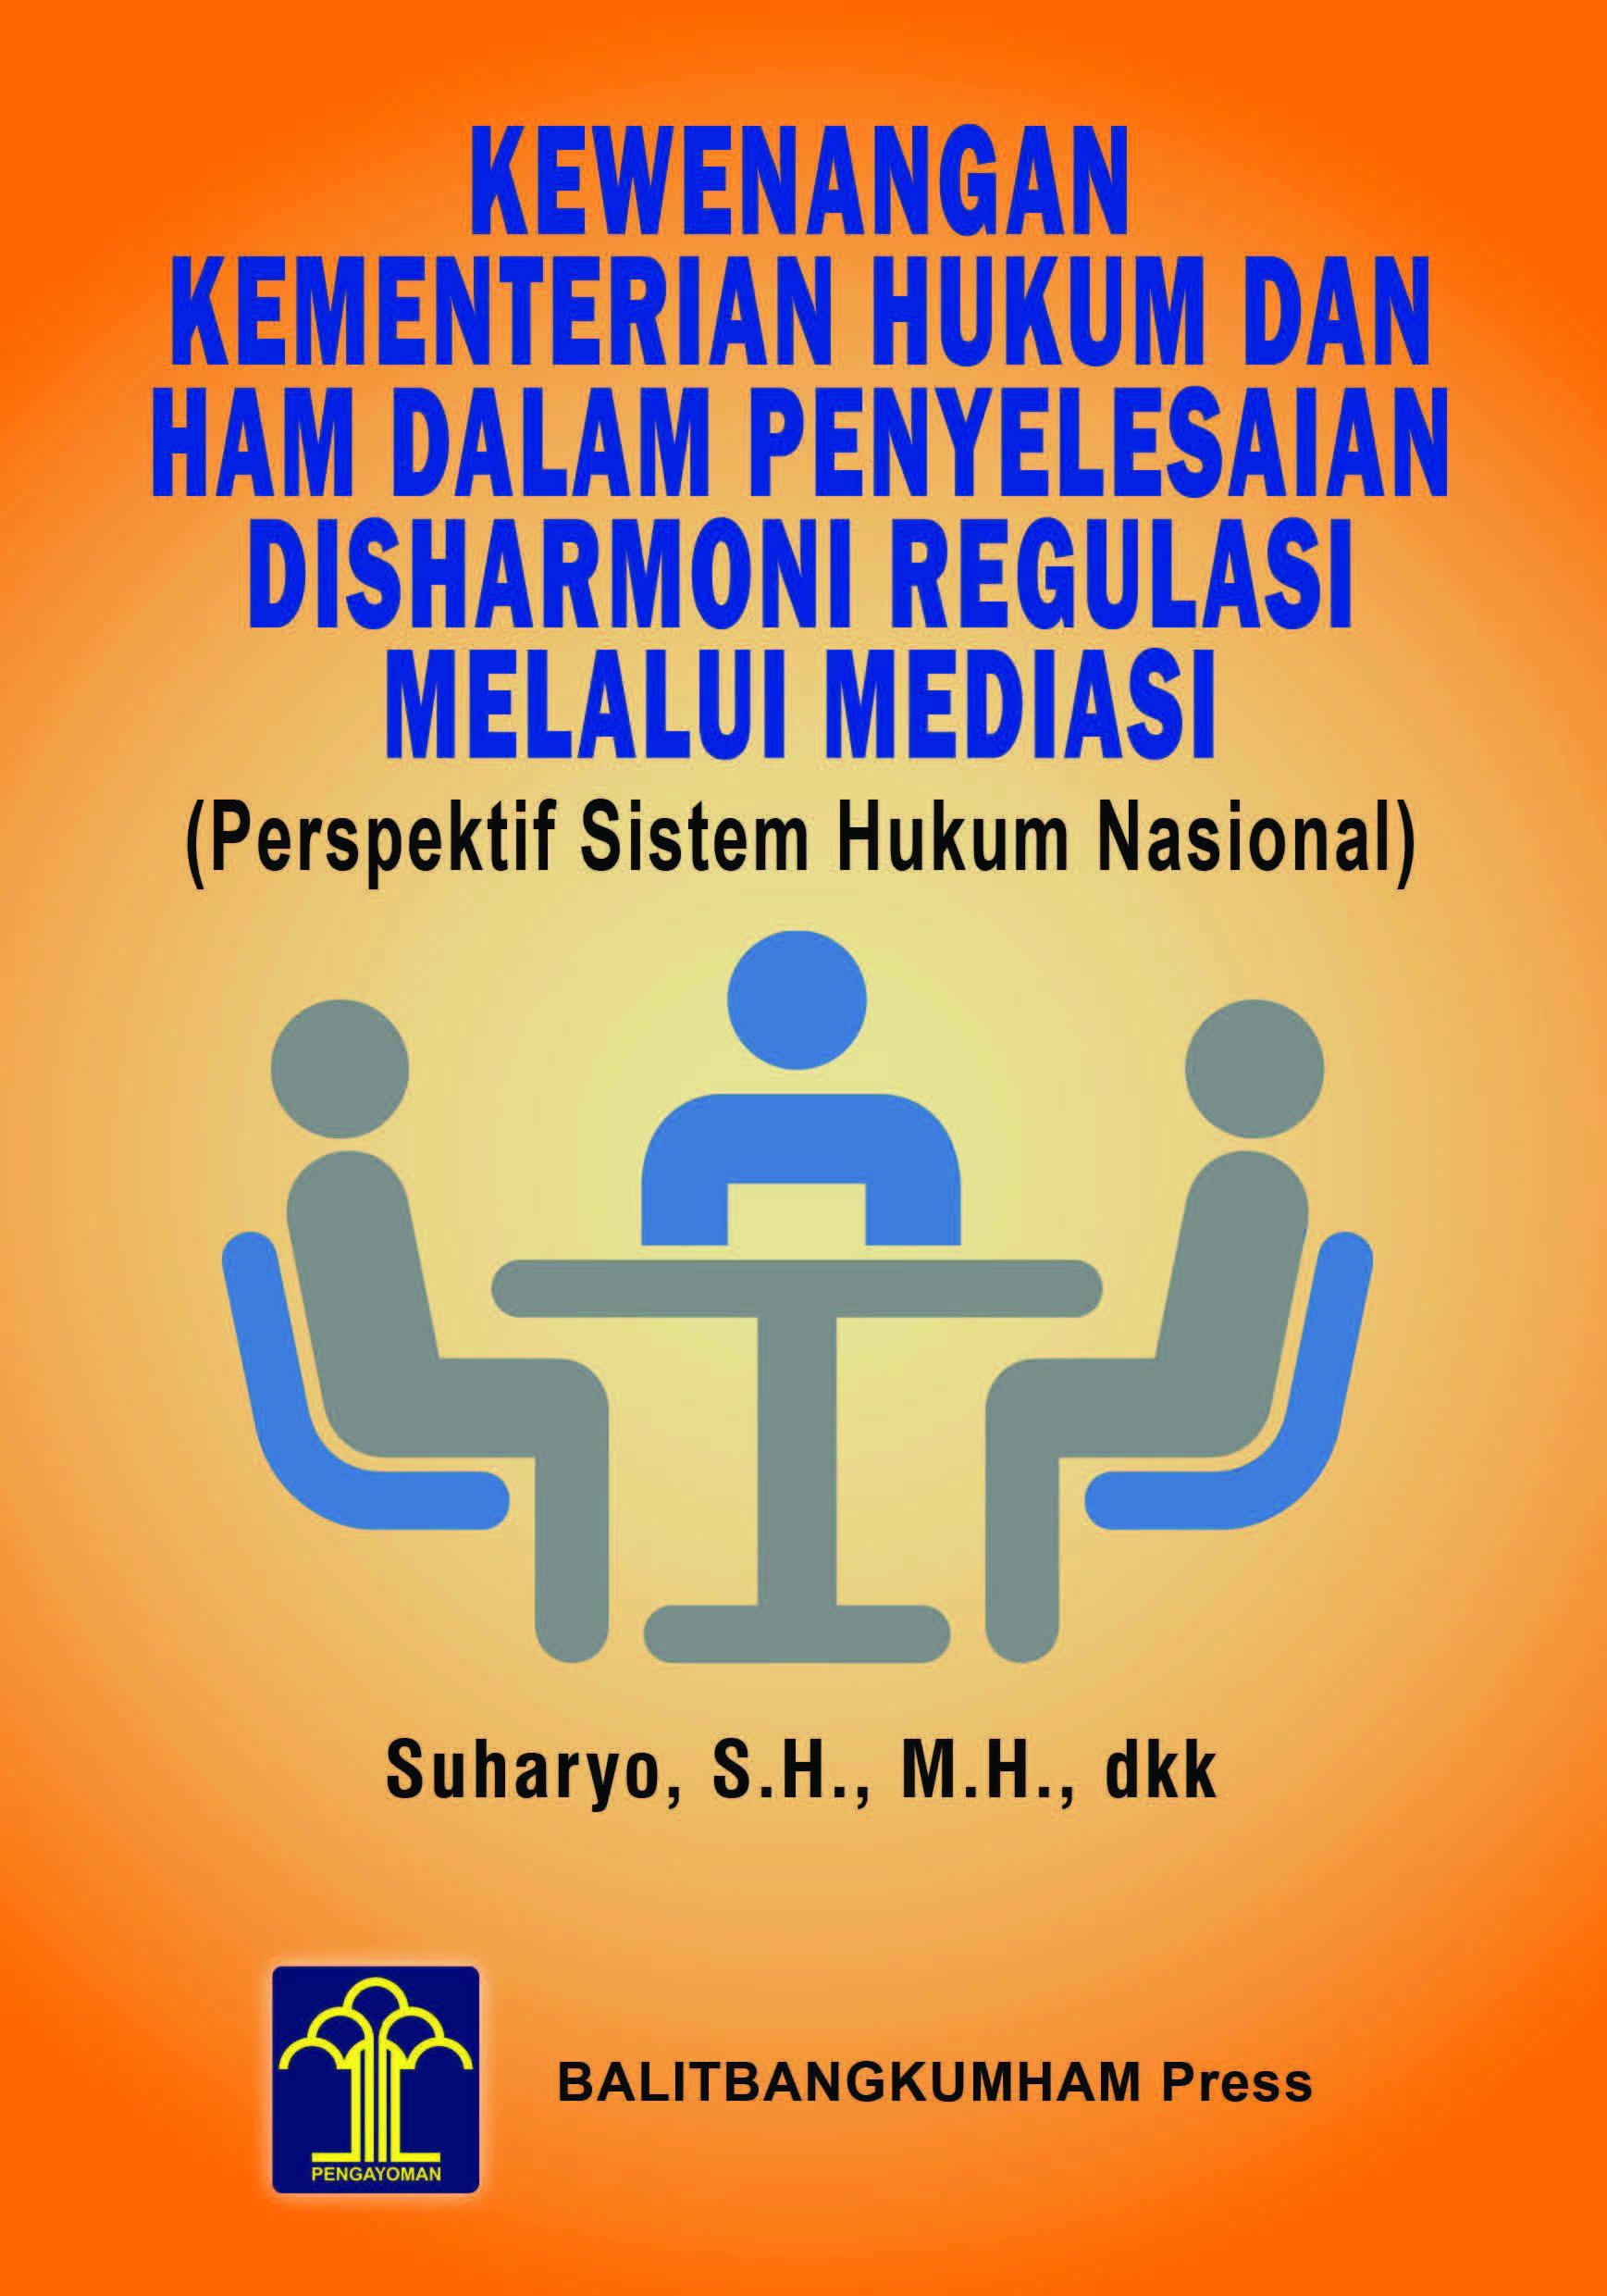 Kewenangan Kementerian Hukum dan HAM dalam Penyelesaian Disharmoni Regulasi Melalui Mediasi (Perspektif Sistem Hukum Nasional)